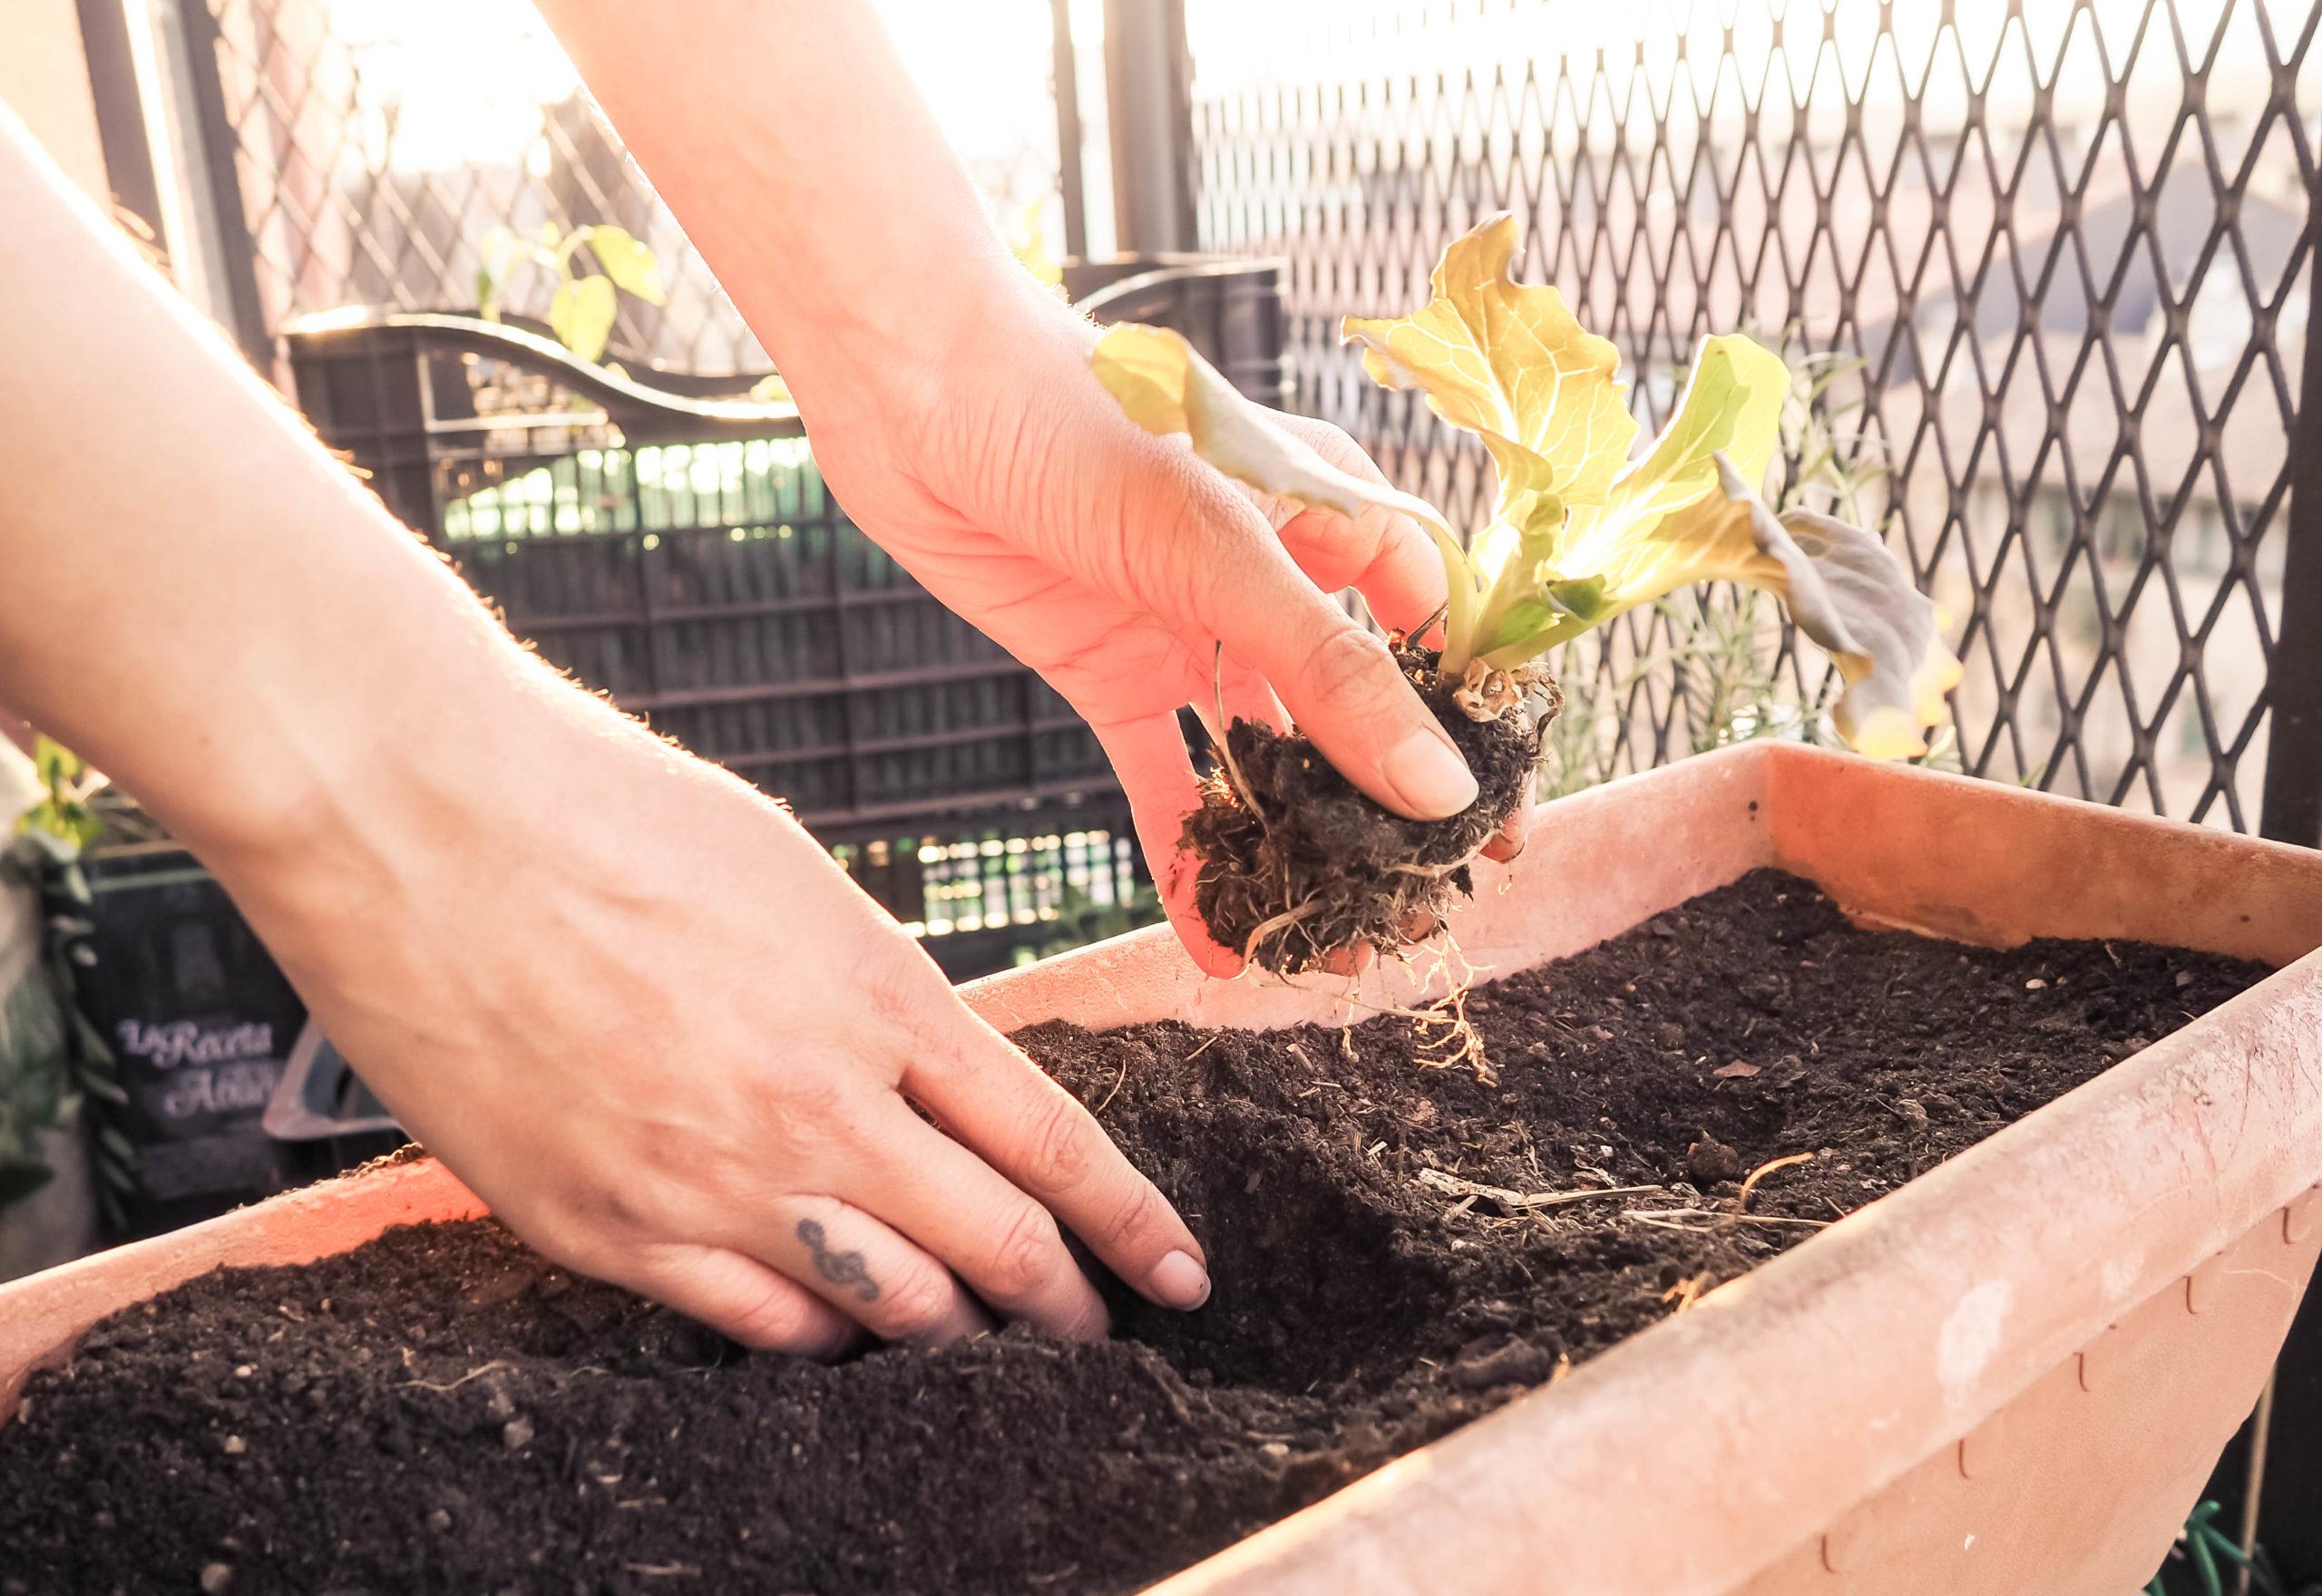 huerto sostenible en un balcón detalle manos sembrando en maceta